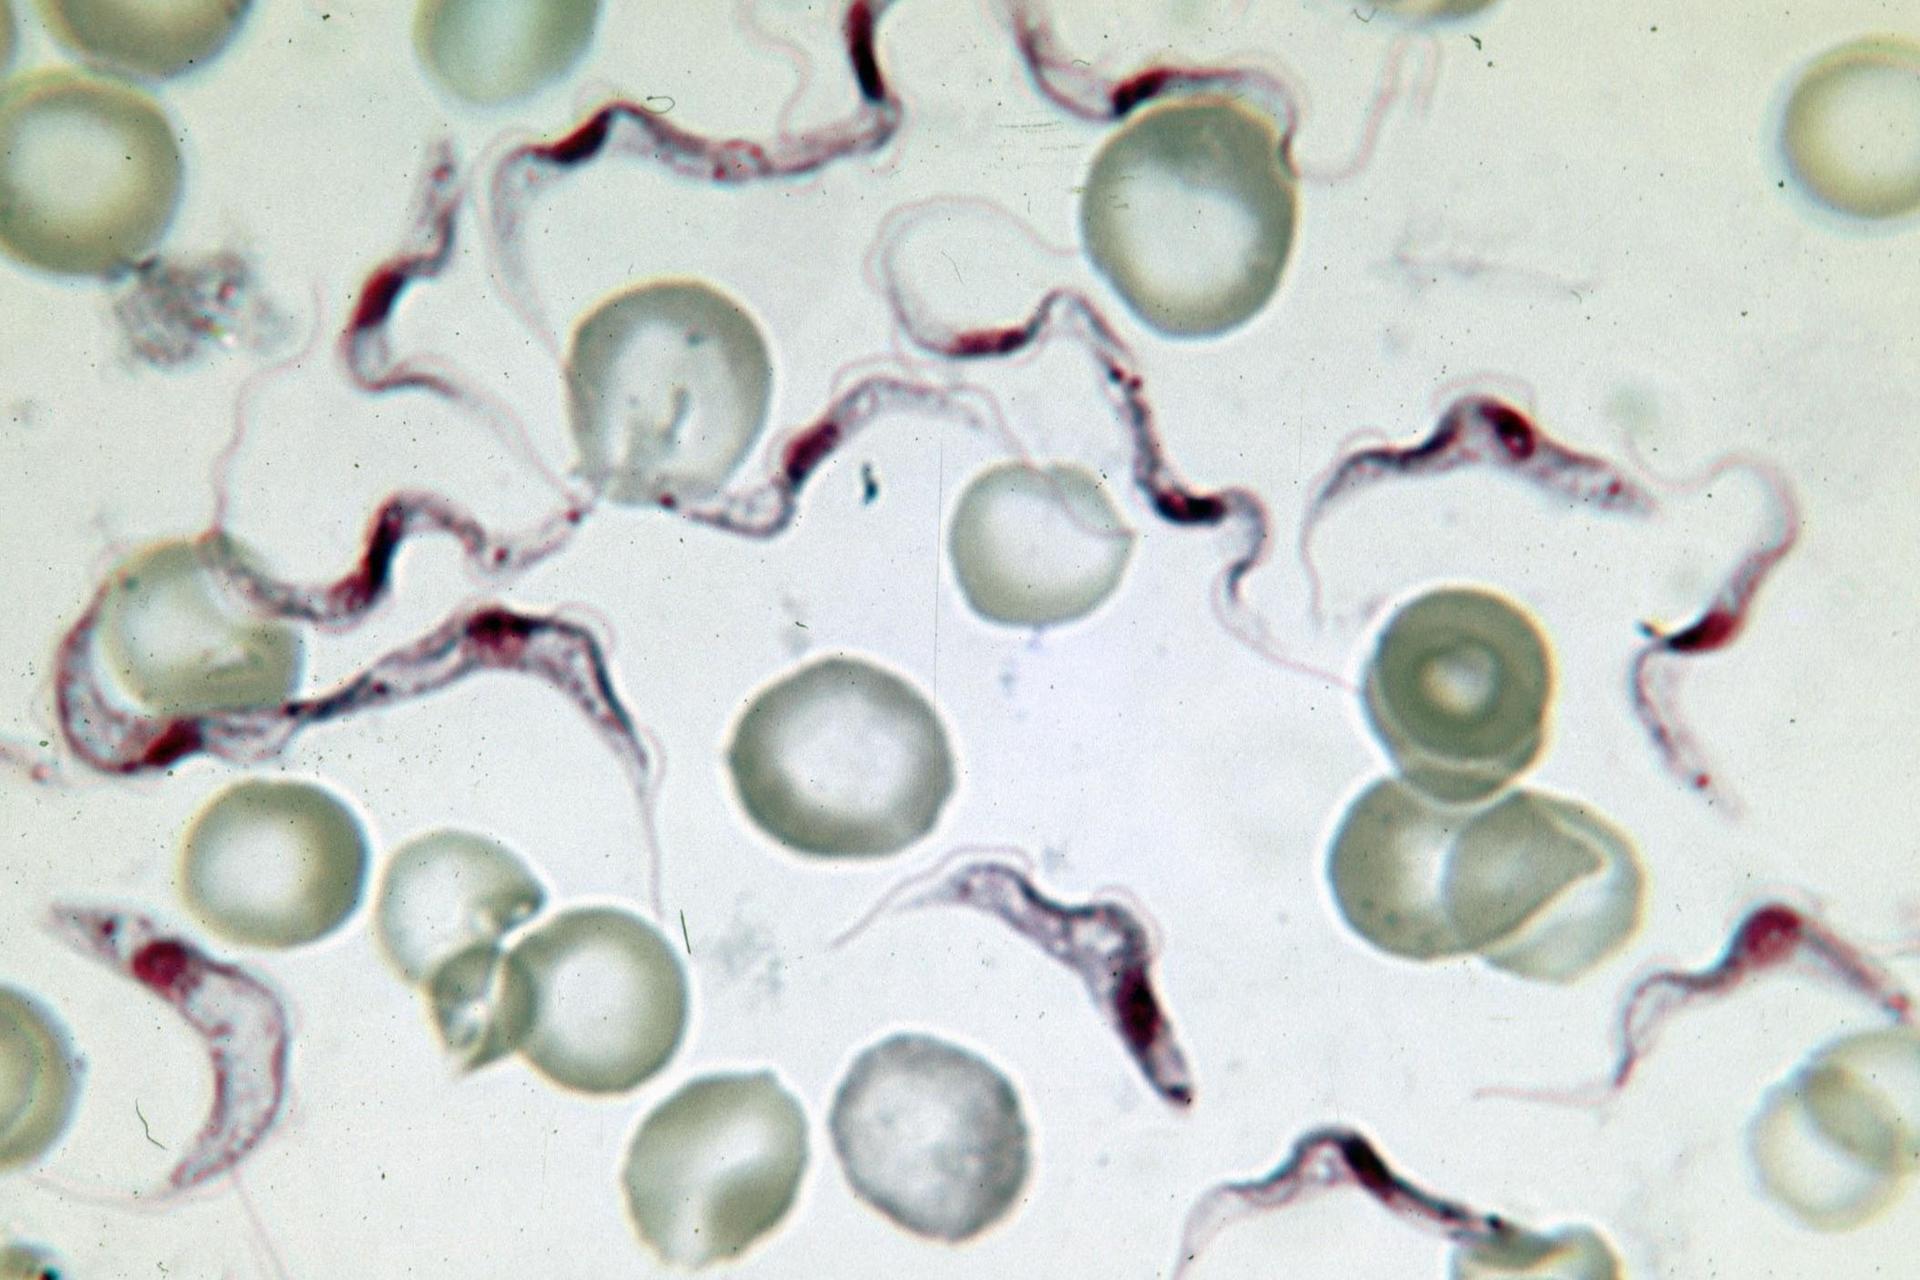 Fotografia spod mikroskopu przedstawia zielonkawe, okrągłe krwinki, amiędzy nimi pofalowane ciemne kształty. To pierwotniak świdrowiec gambijski, który żeruje we krwi ssaków ipowoduje śpiączkę.